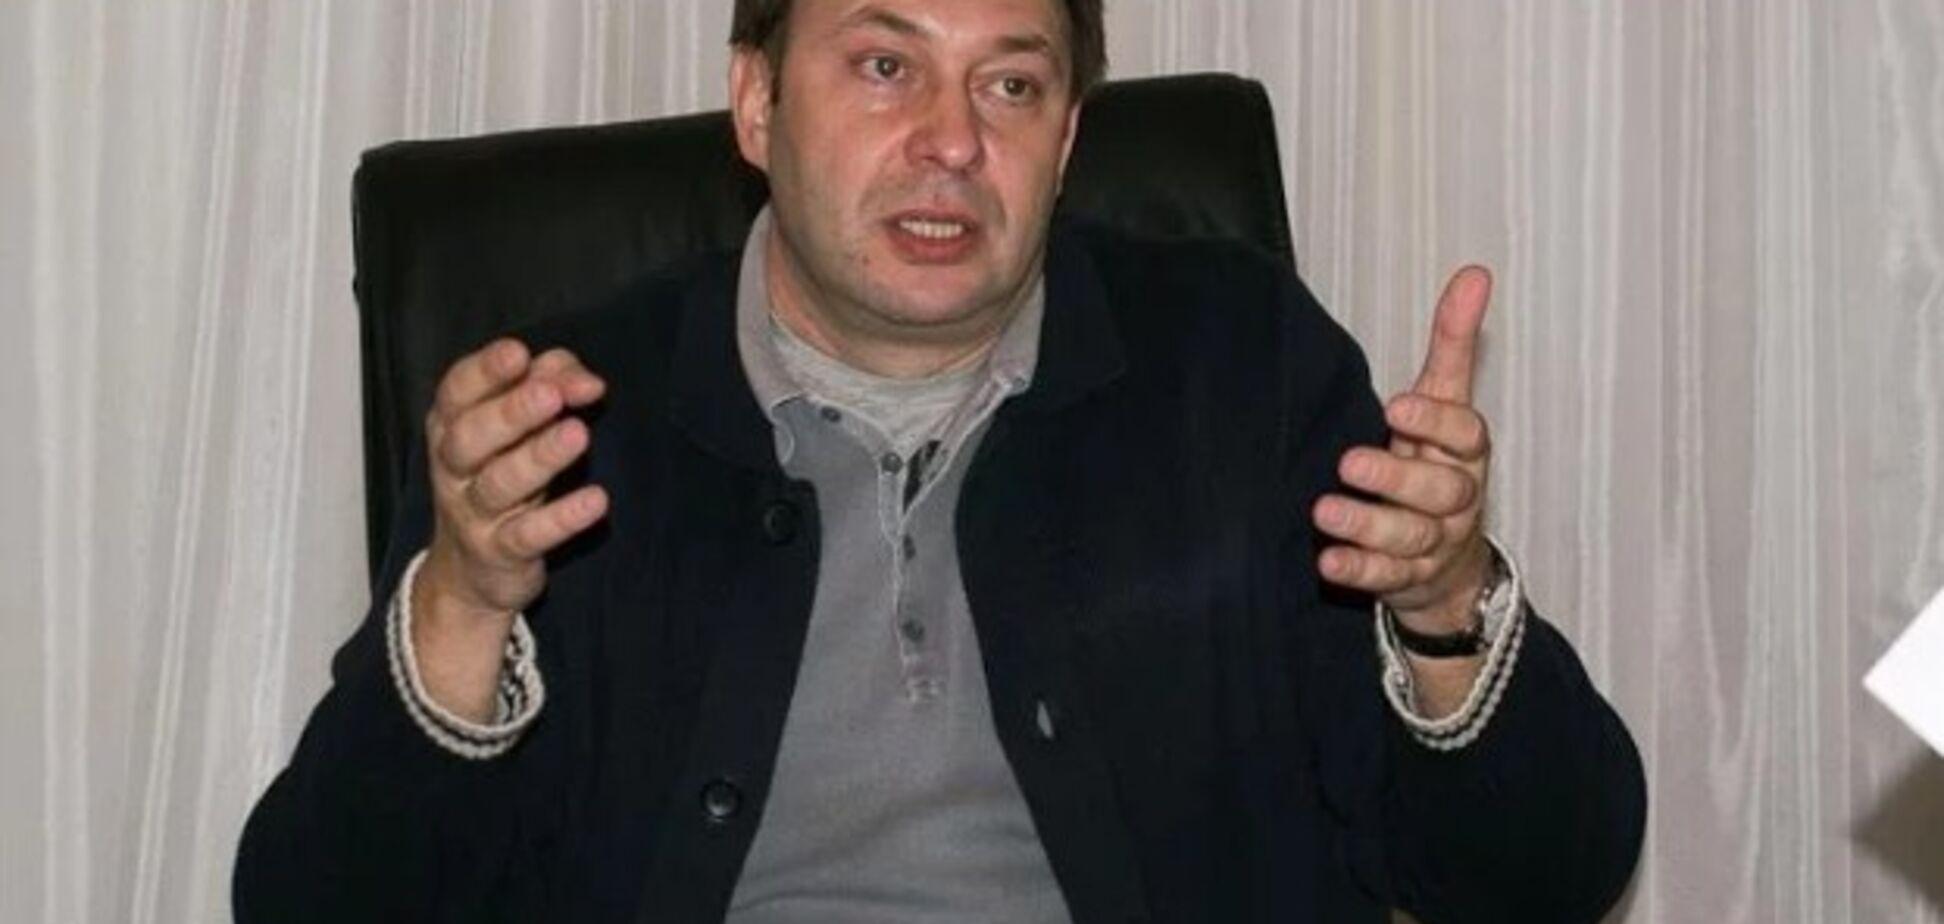 Скандал з 'РИА Новости': стало відомо де знаходиться головний підозрюваний